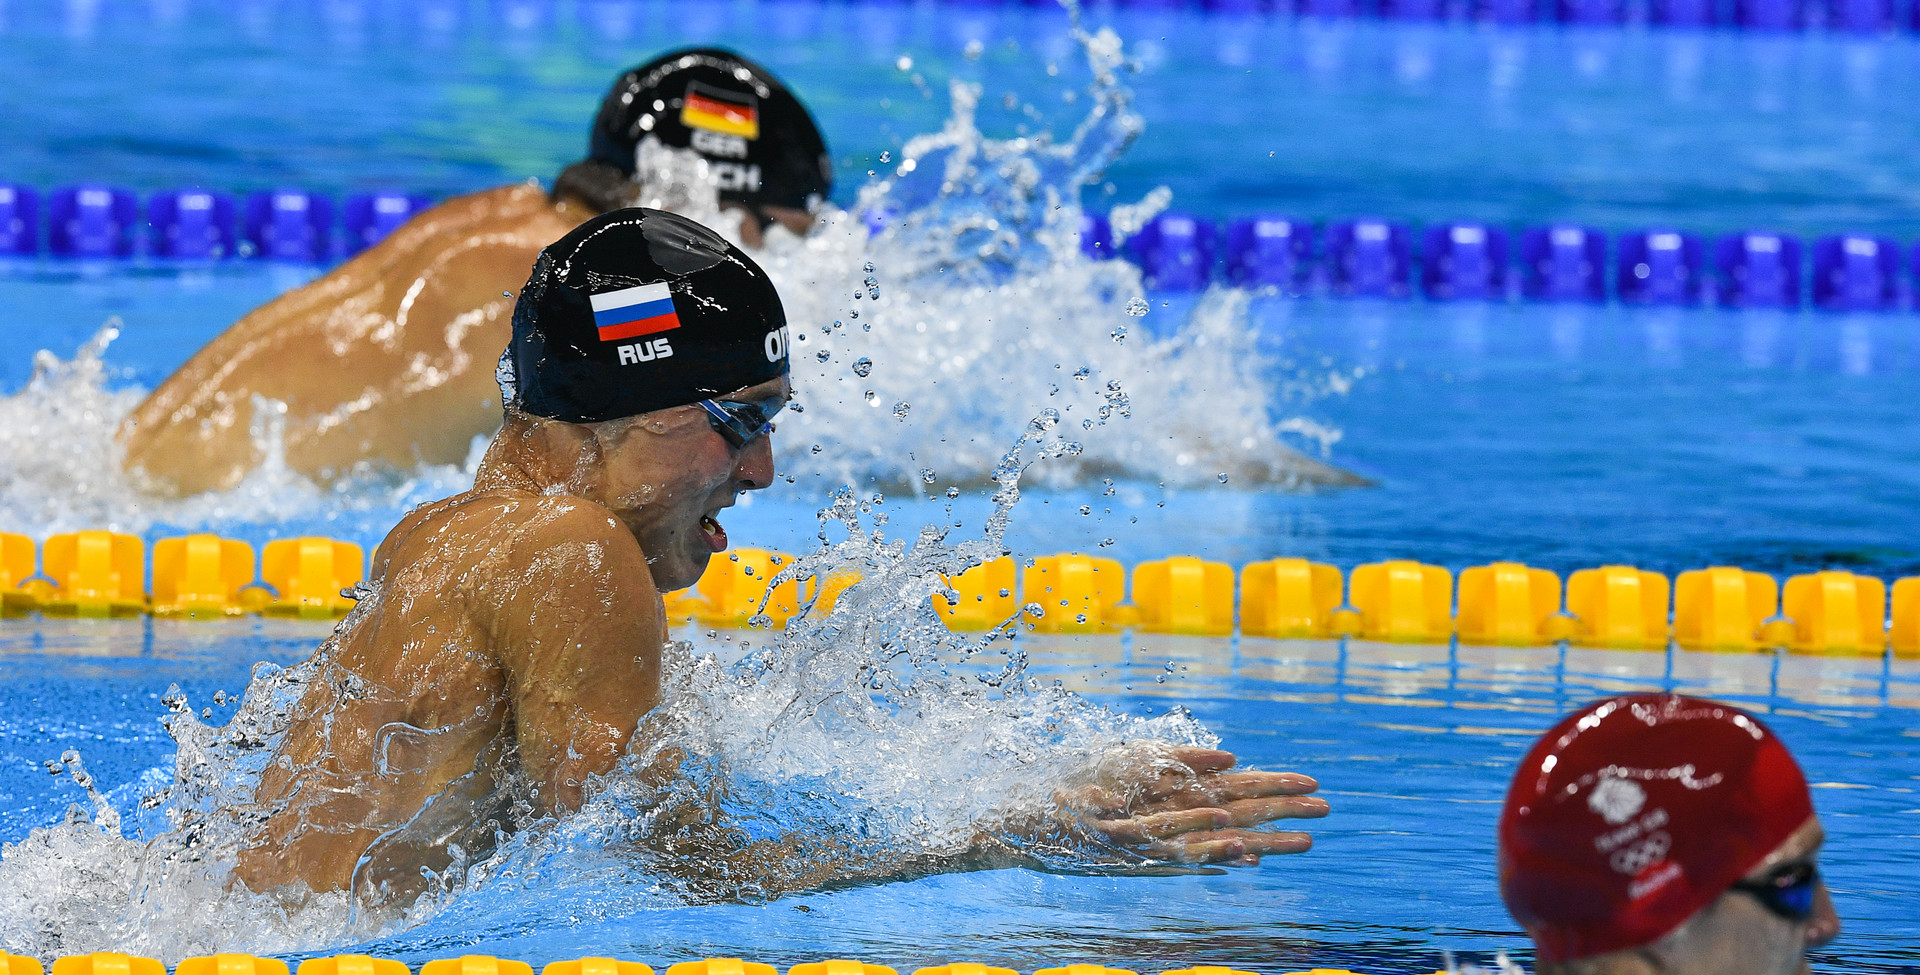 Российский пловец Антон Чупков завоевал бронзу на 200-метровке брассом